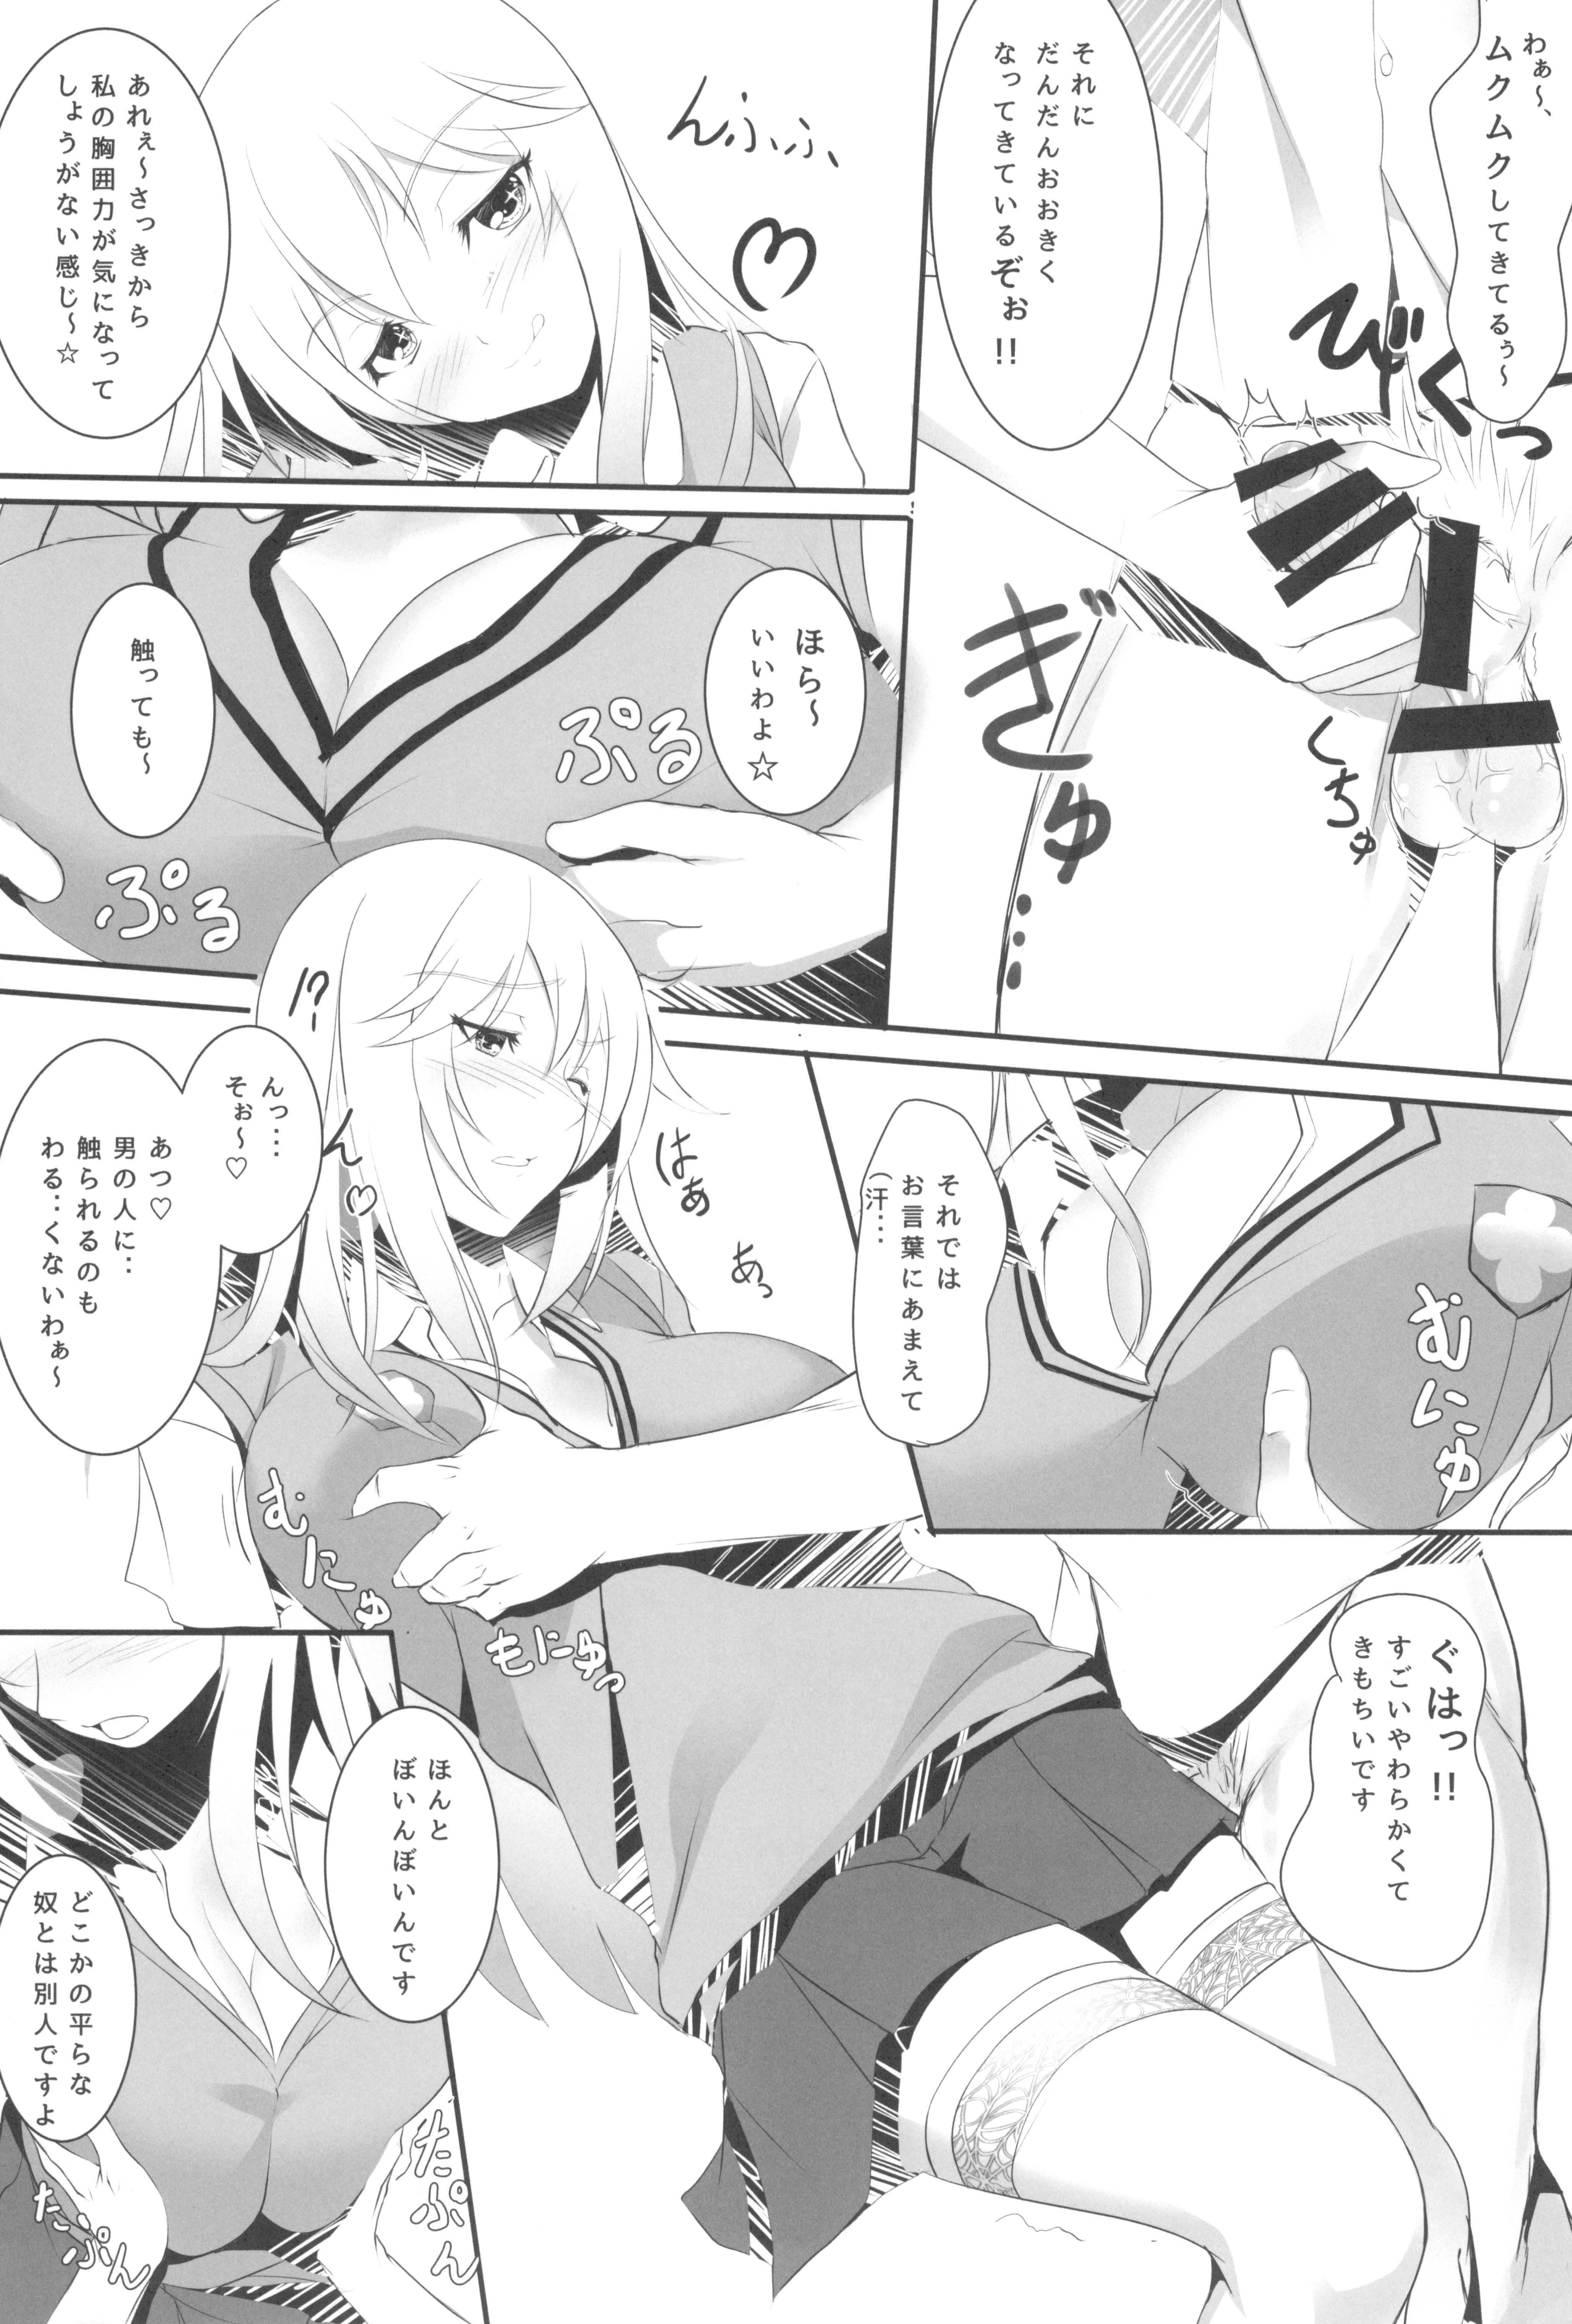 Toaru Misaki no Delusion 6